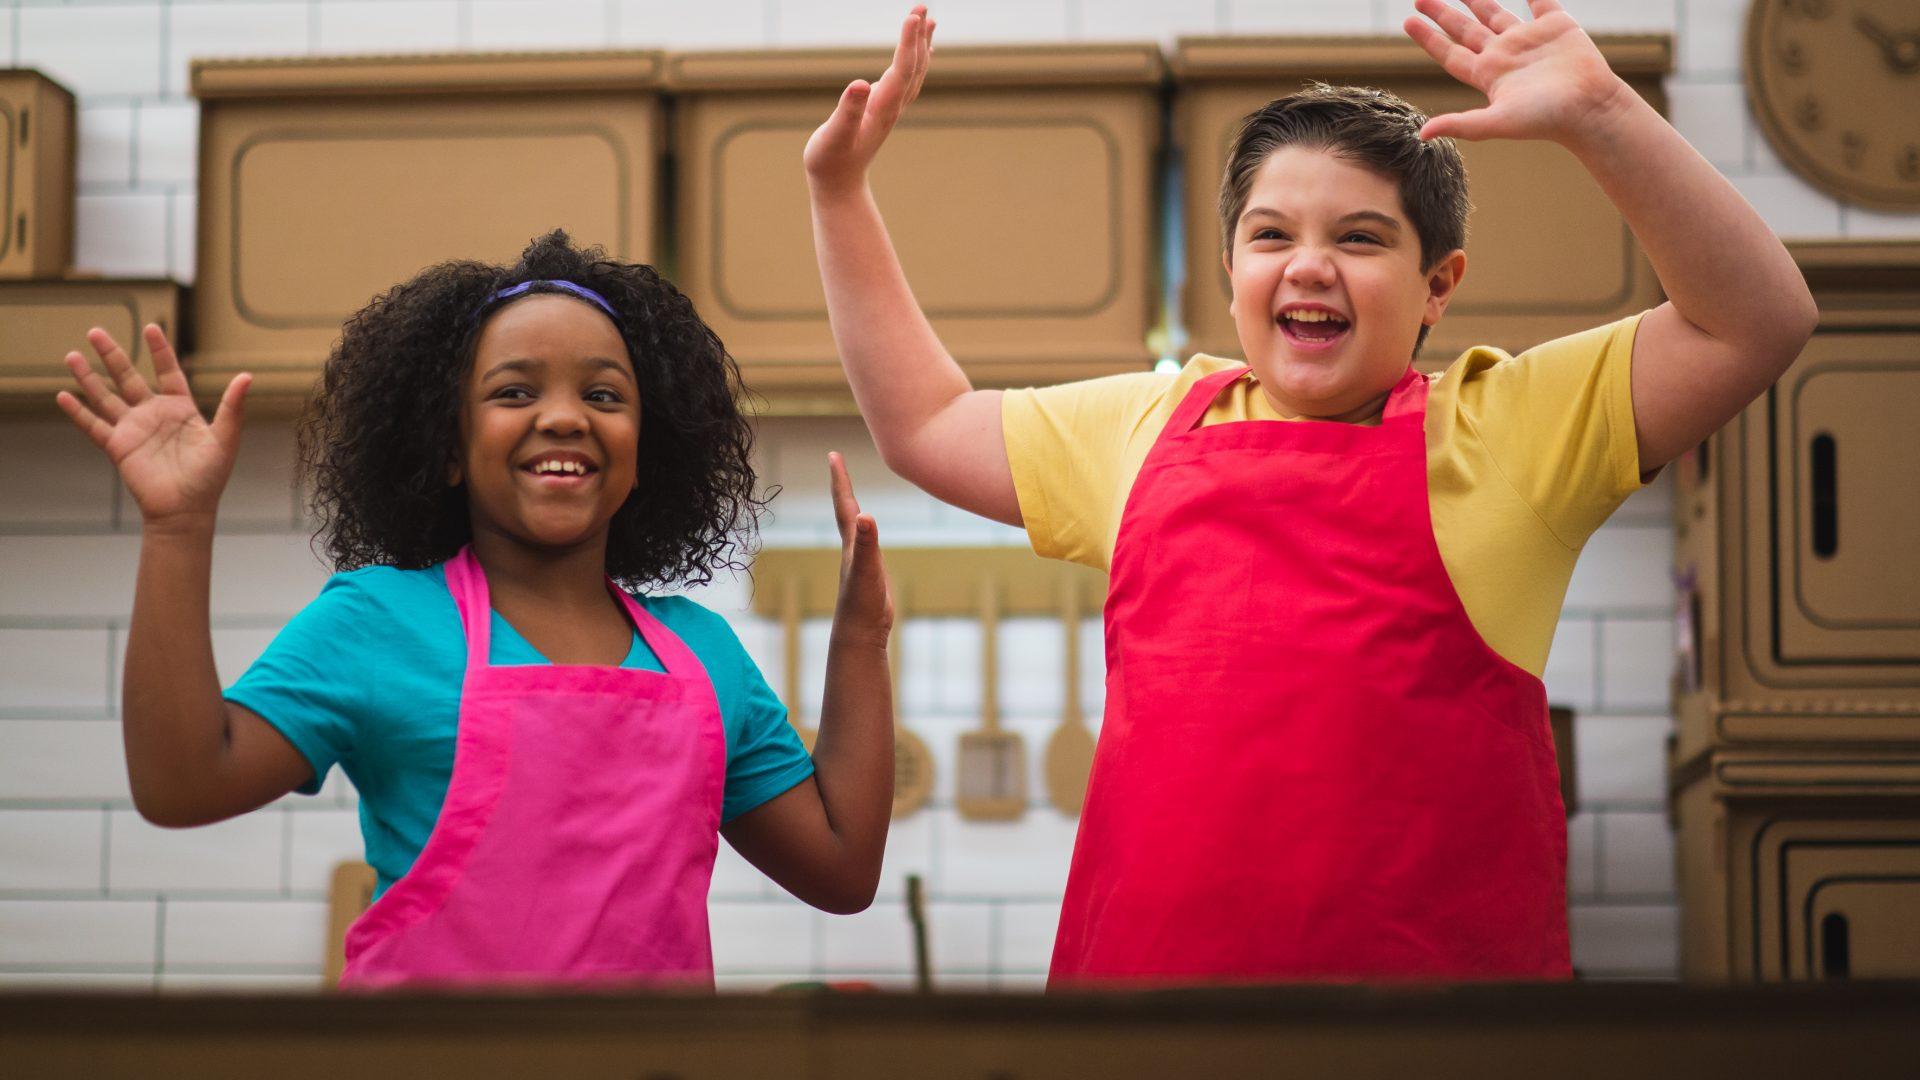 Foto: Discovery Kids/Divulgação